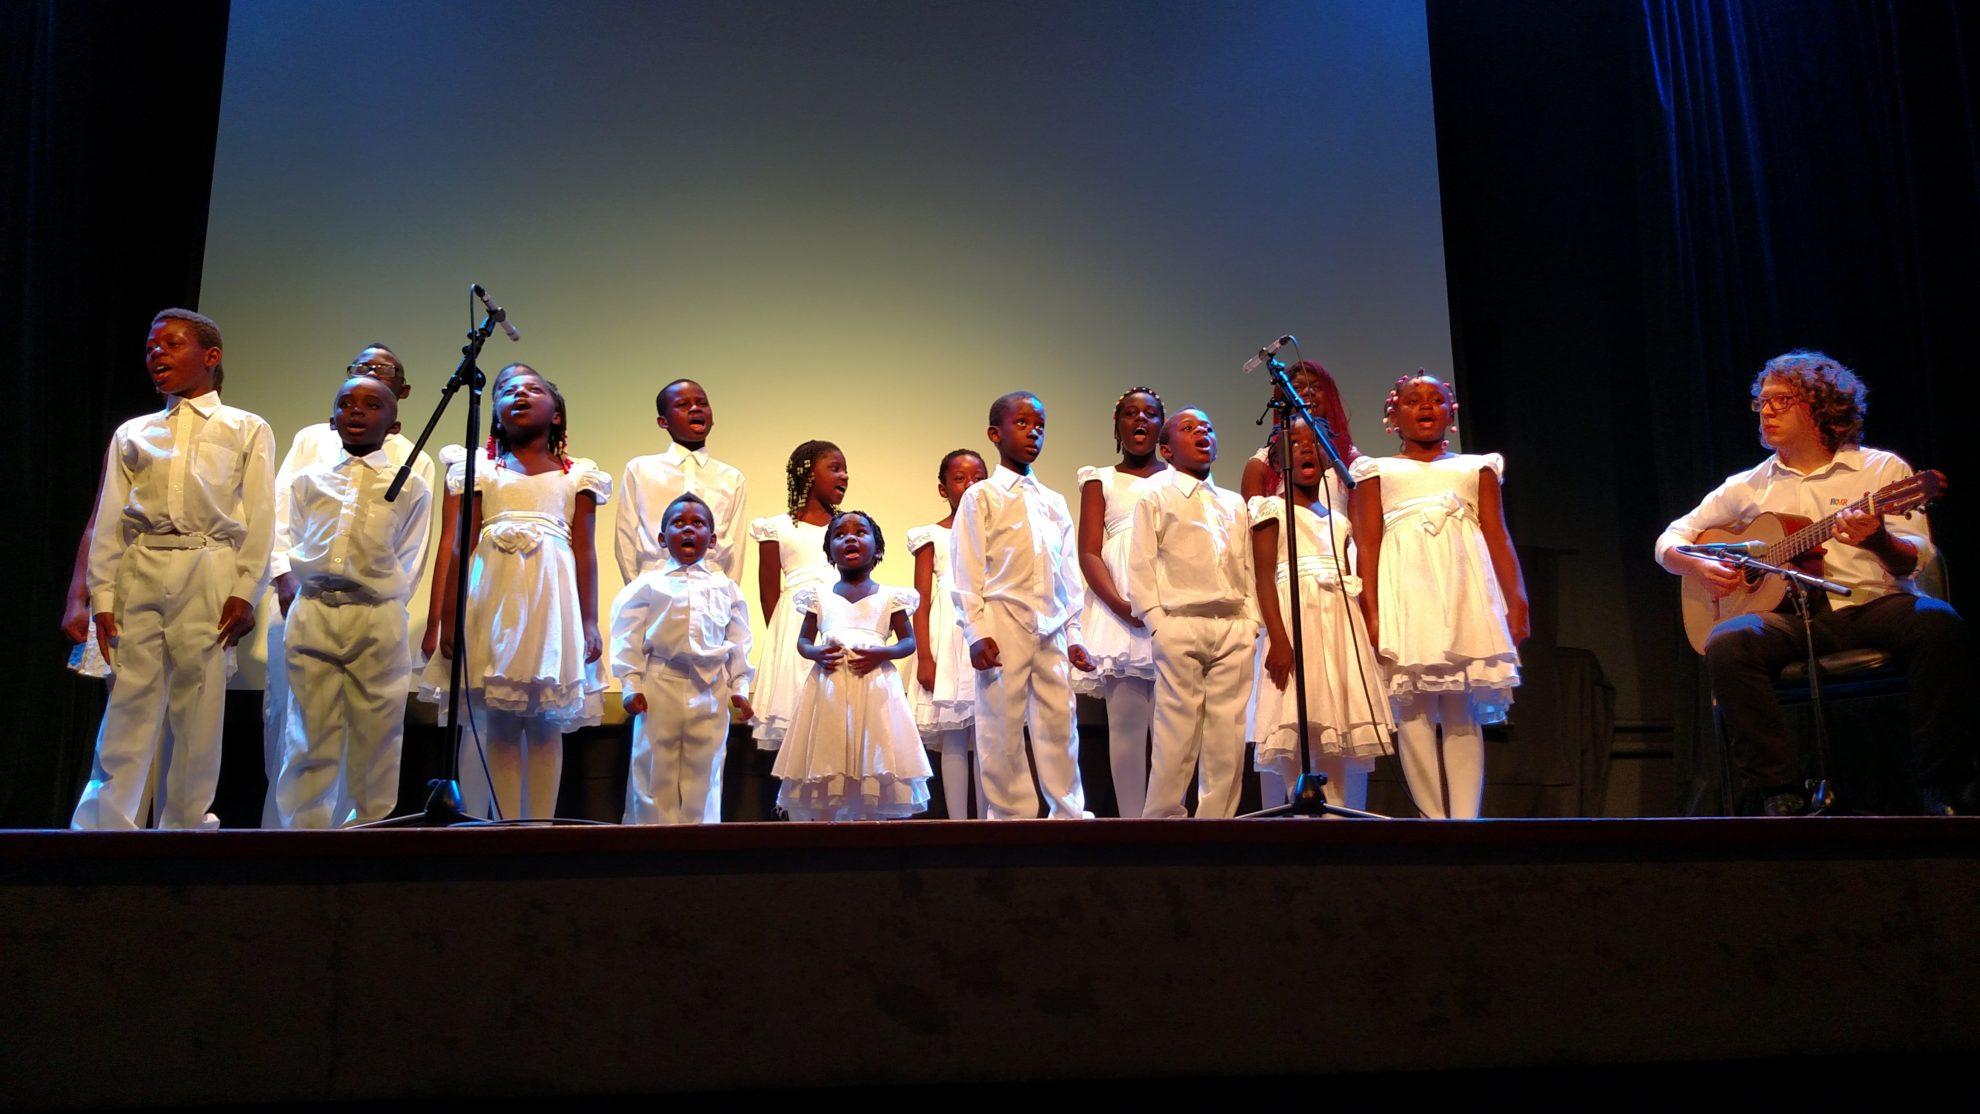 Coral Coração Jolie, formado por crianças refugiadas, abriu com chave de ouro o Festival do Minuto. Crédito: Rodrigo Borges Delfim/MigraMundo